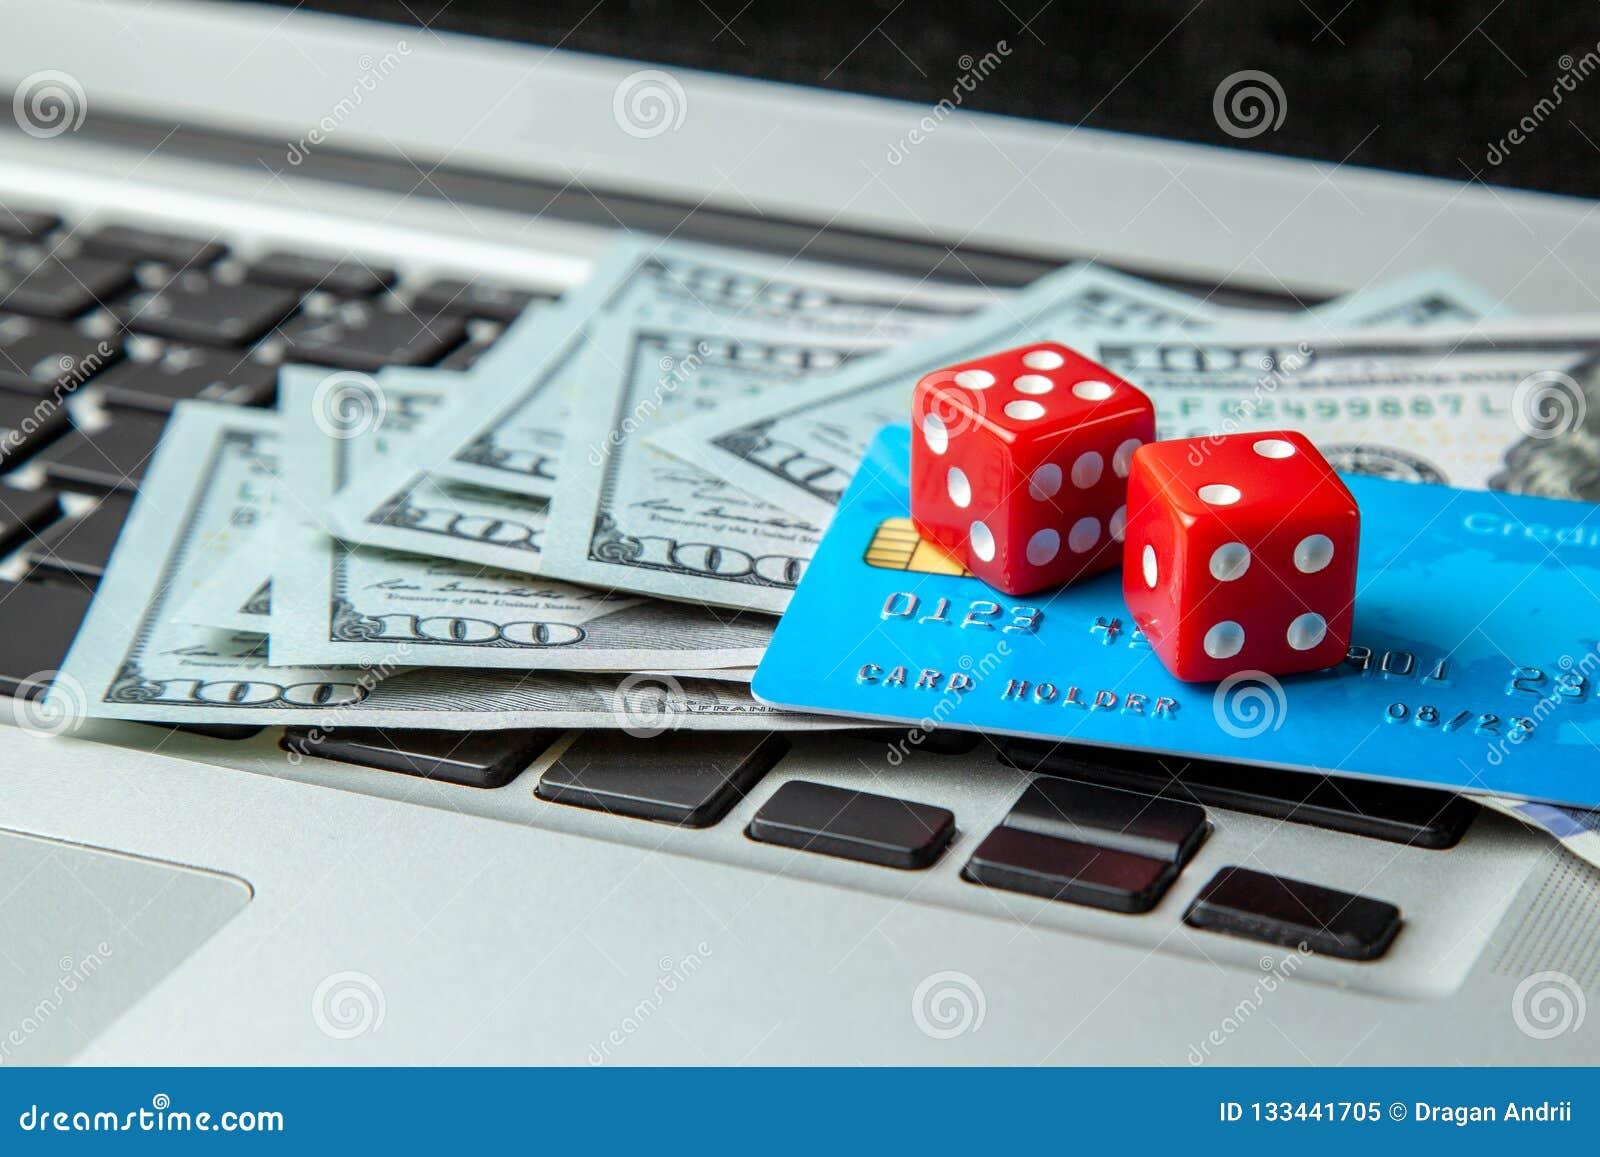 как играть в онлайн казино на деньги